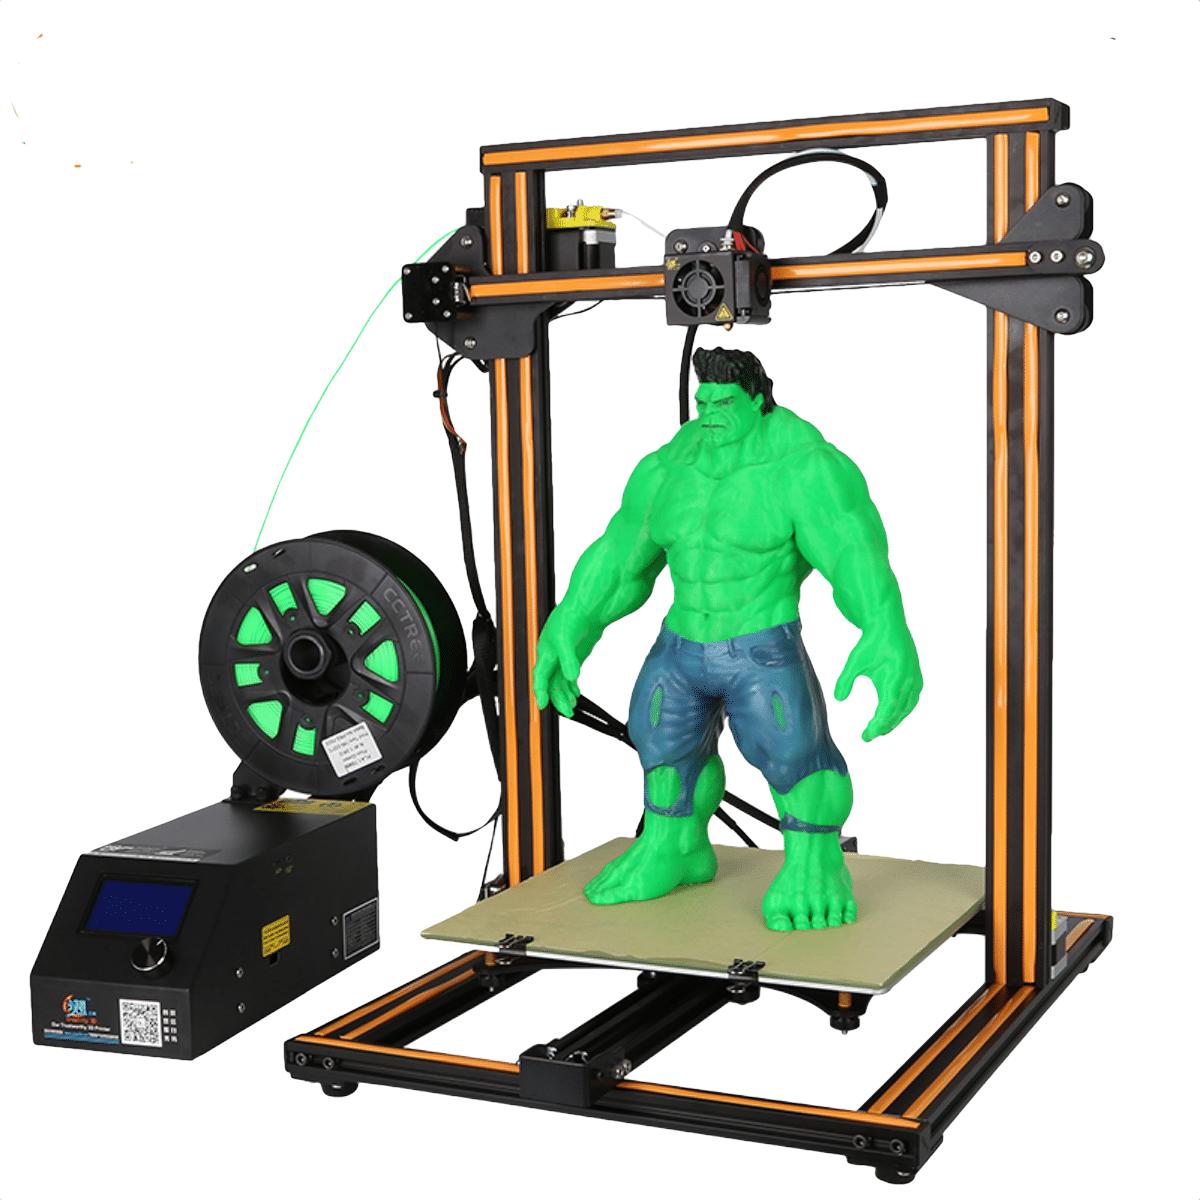 CREALITY 3D CR10S Hunk Printed